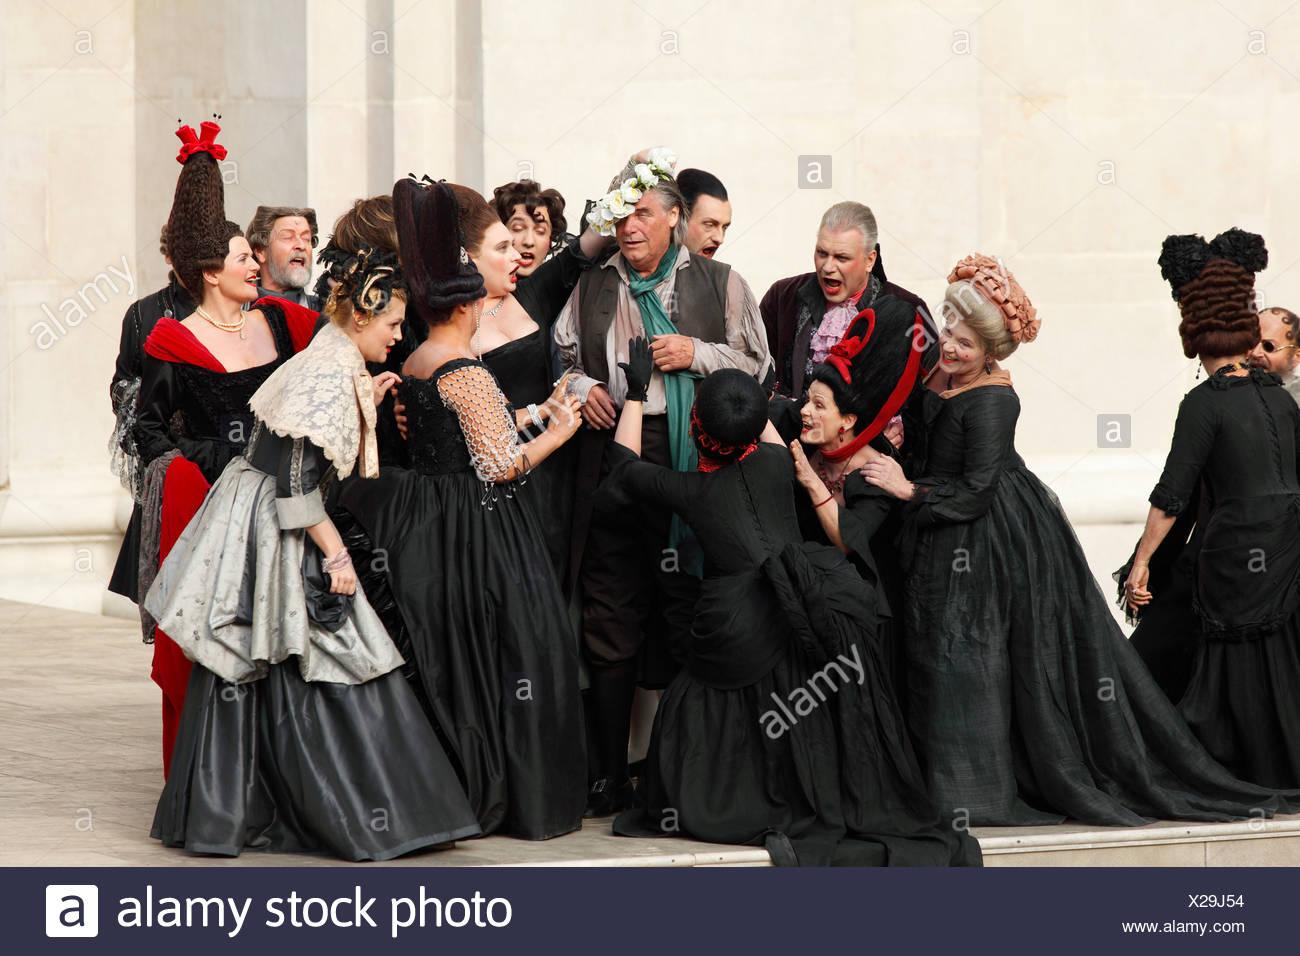 Jedermann, jedermann, spielen 2009, gespielt von Peter Simonischek, von Hugo von Hofmannsthal, Salzburger Festspiele, Salzburg, Österreich, Eu Stockbild